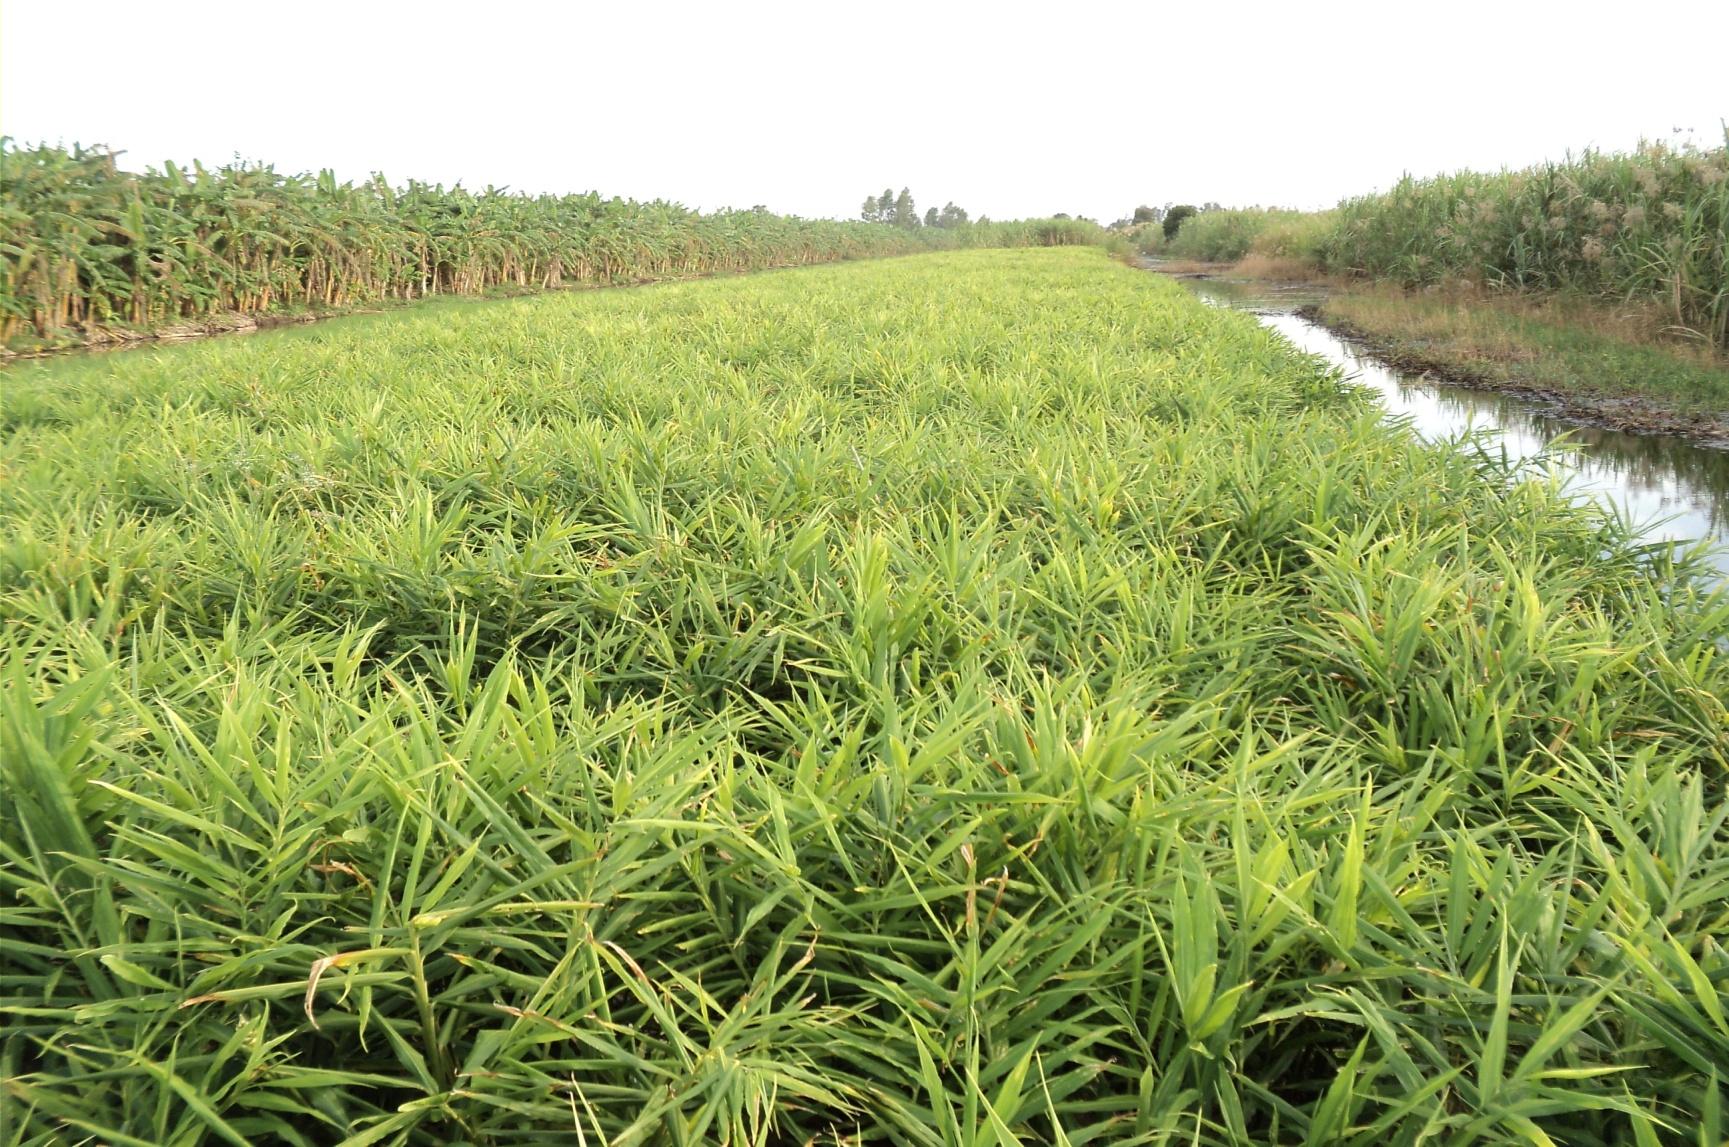 Kỹ thuật trồng gừng và phòng trừ sâu bệnh hại gừng - 560aa4bdc5e1e